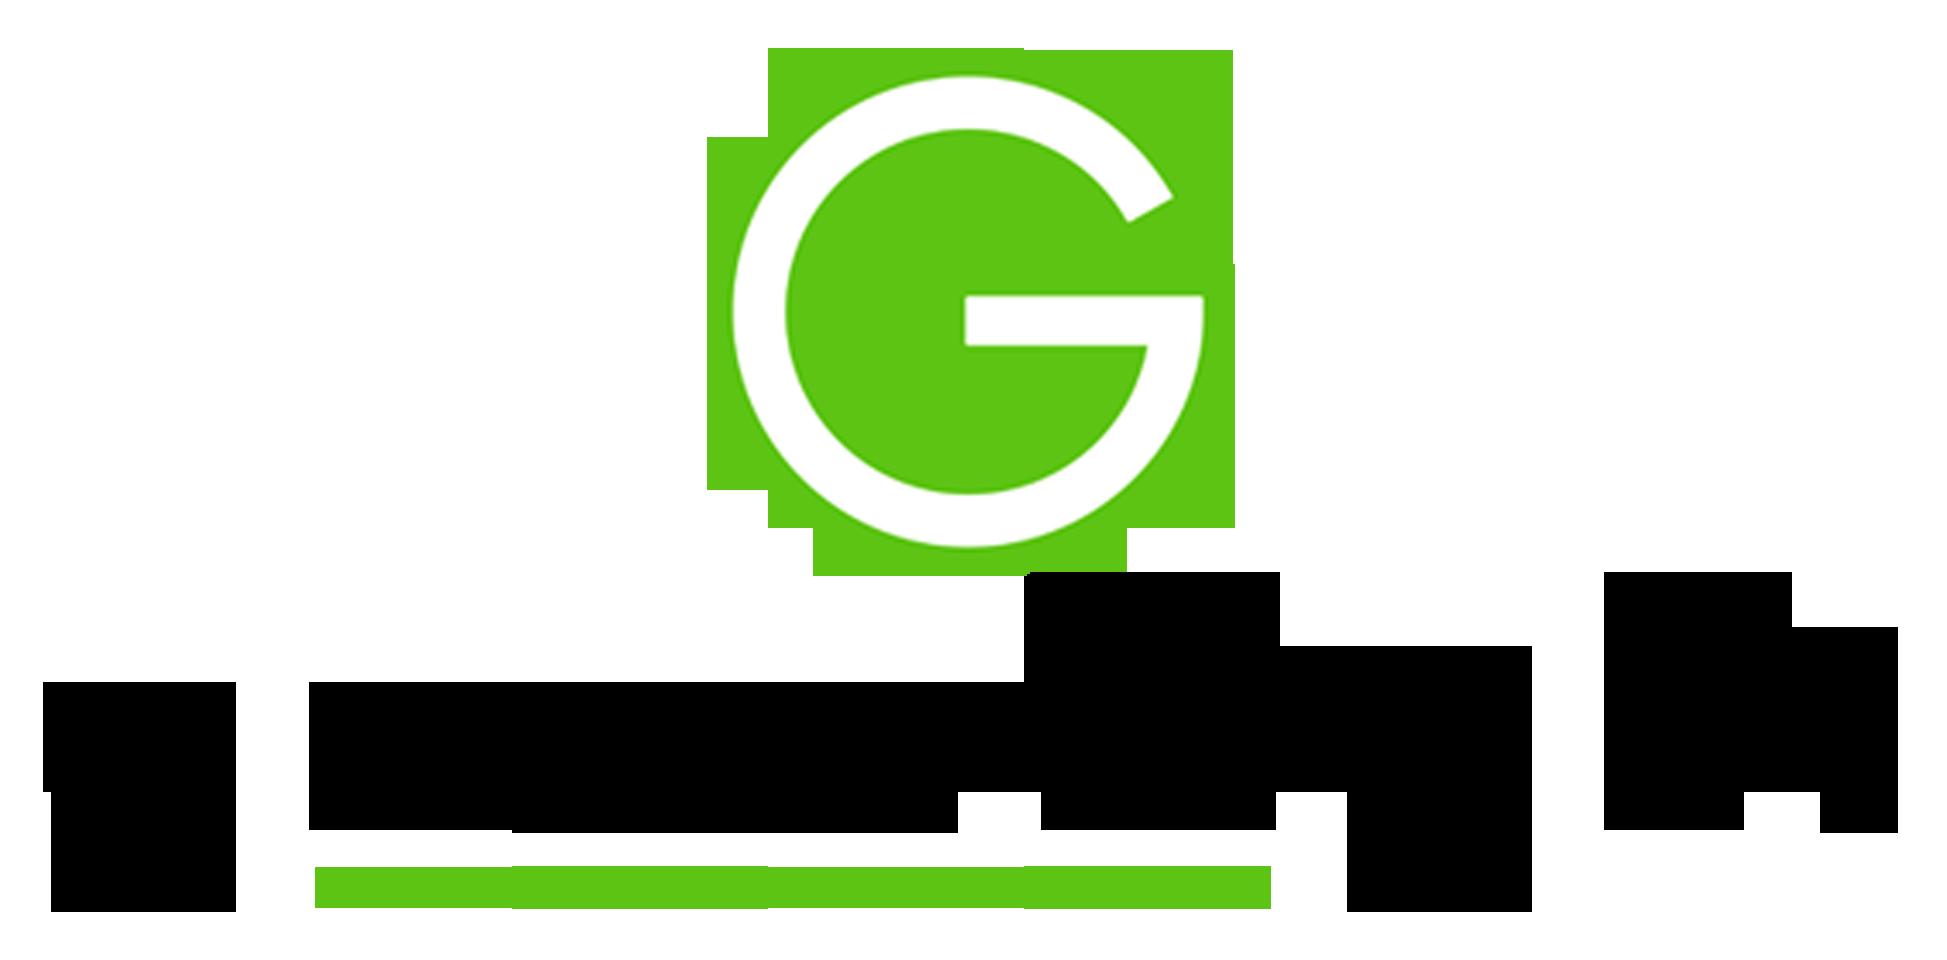 greenlight insurance